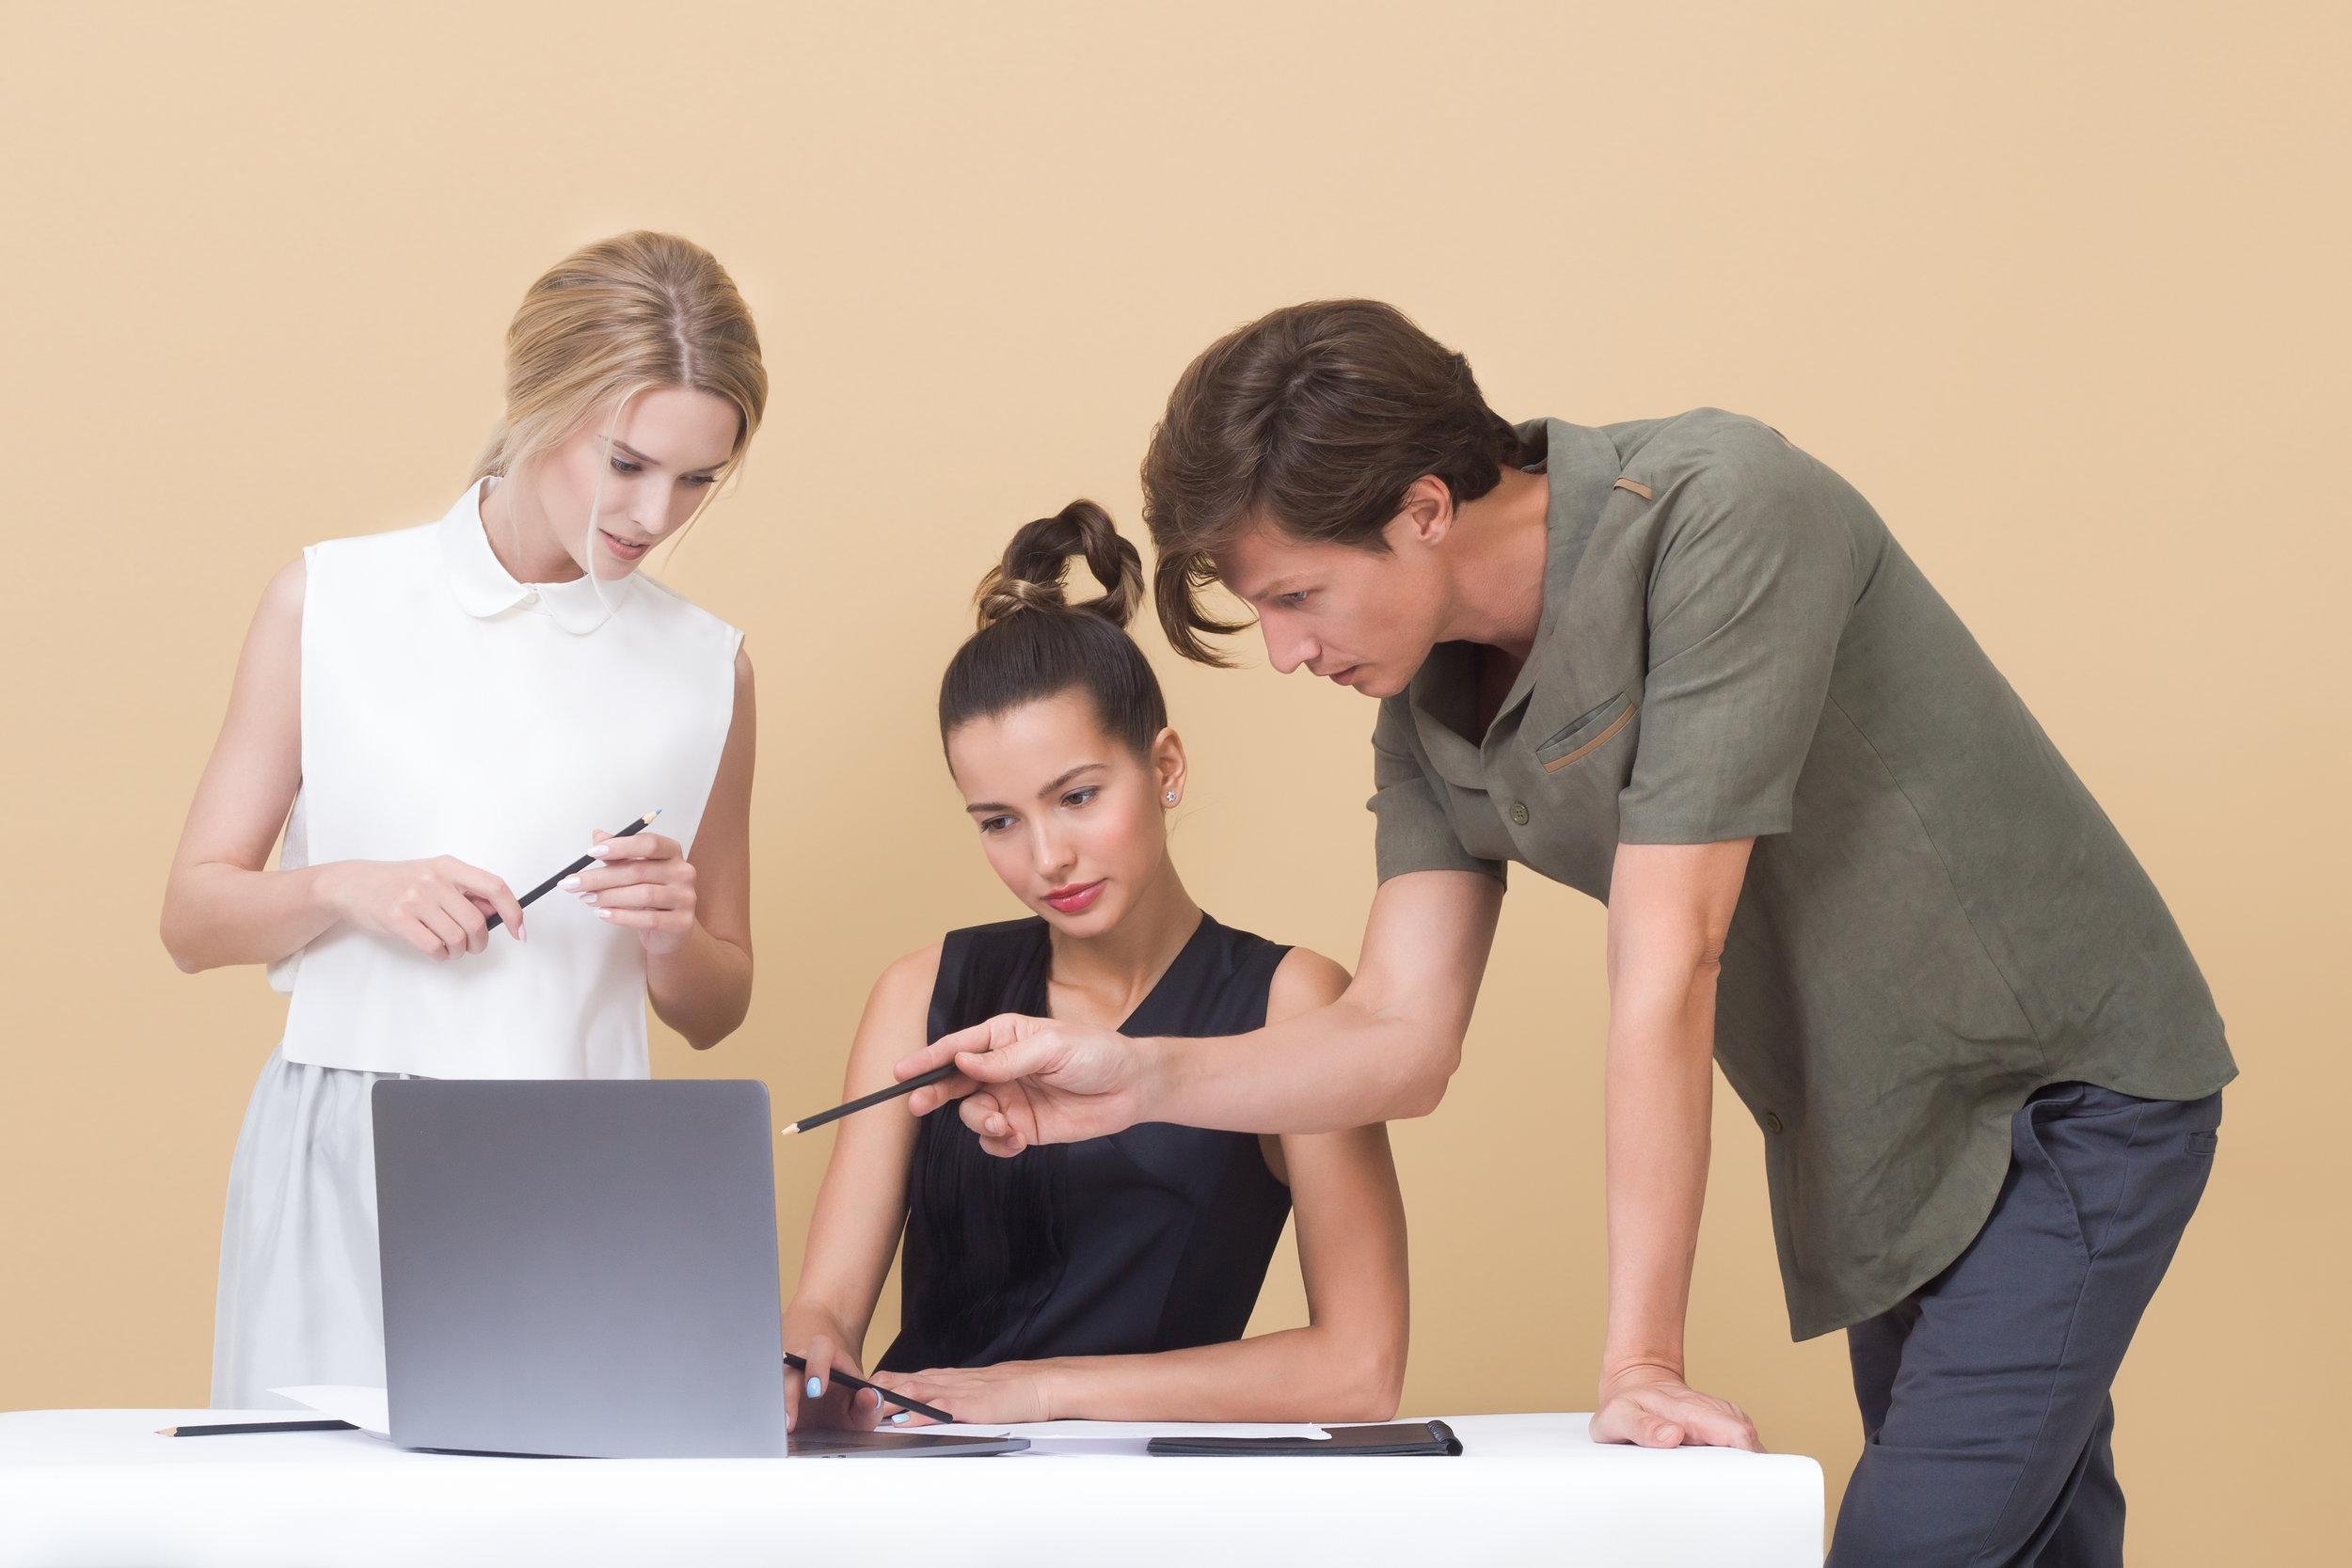 La mejor manera para potenciar la innovación en una organización es motivando a la participación de todo el personal en la empresa.